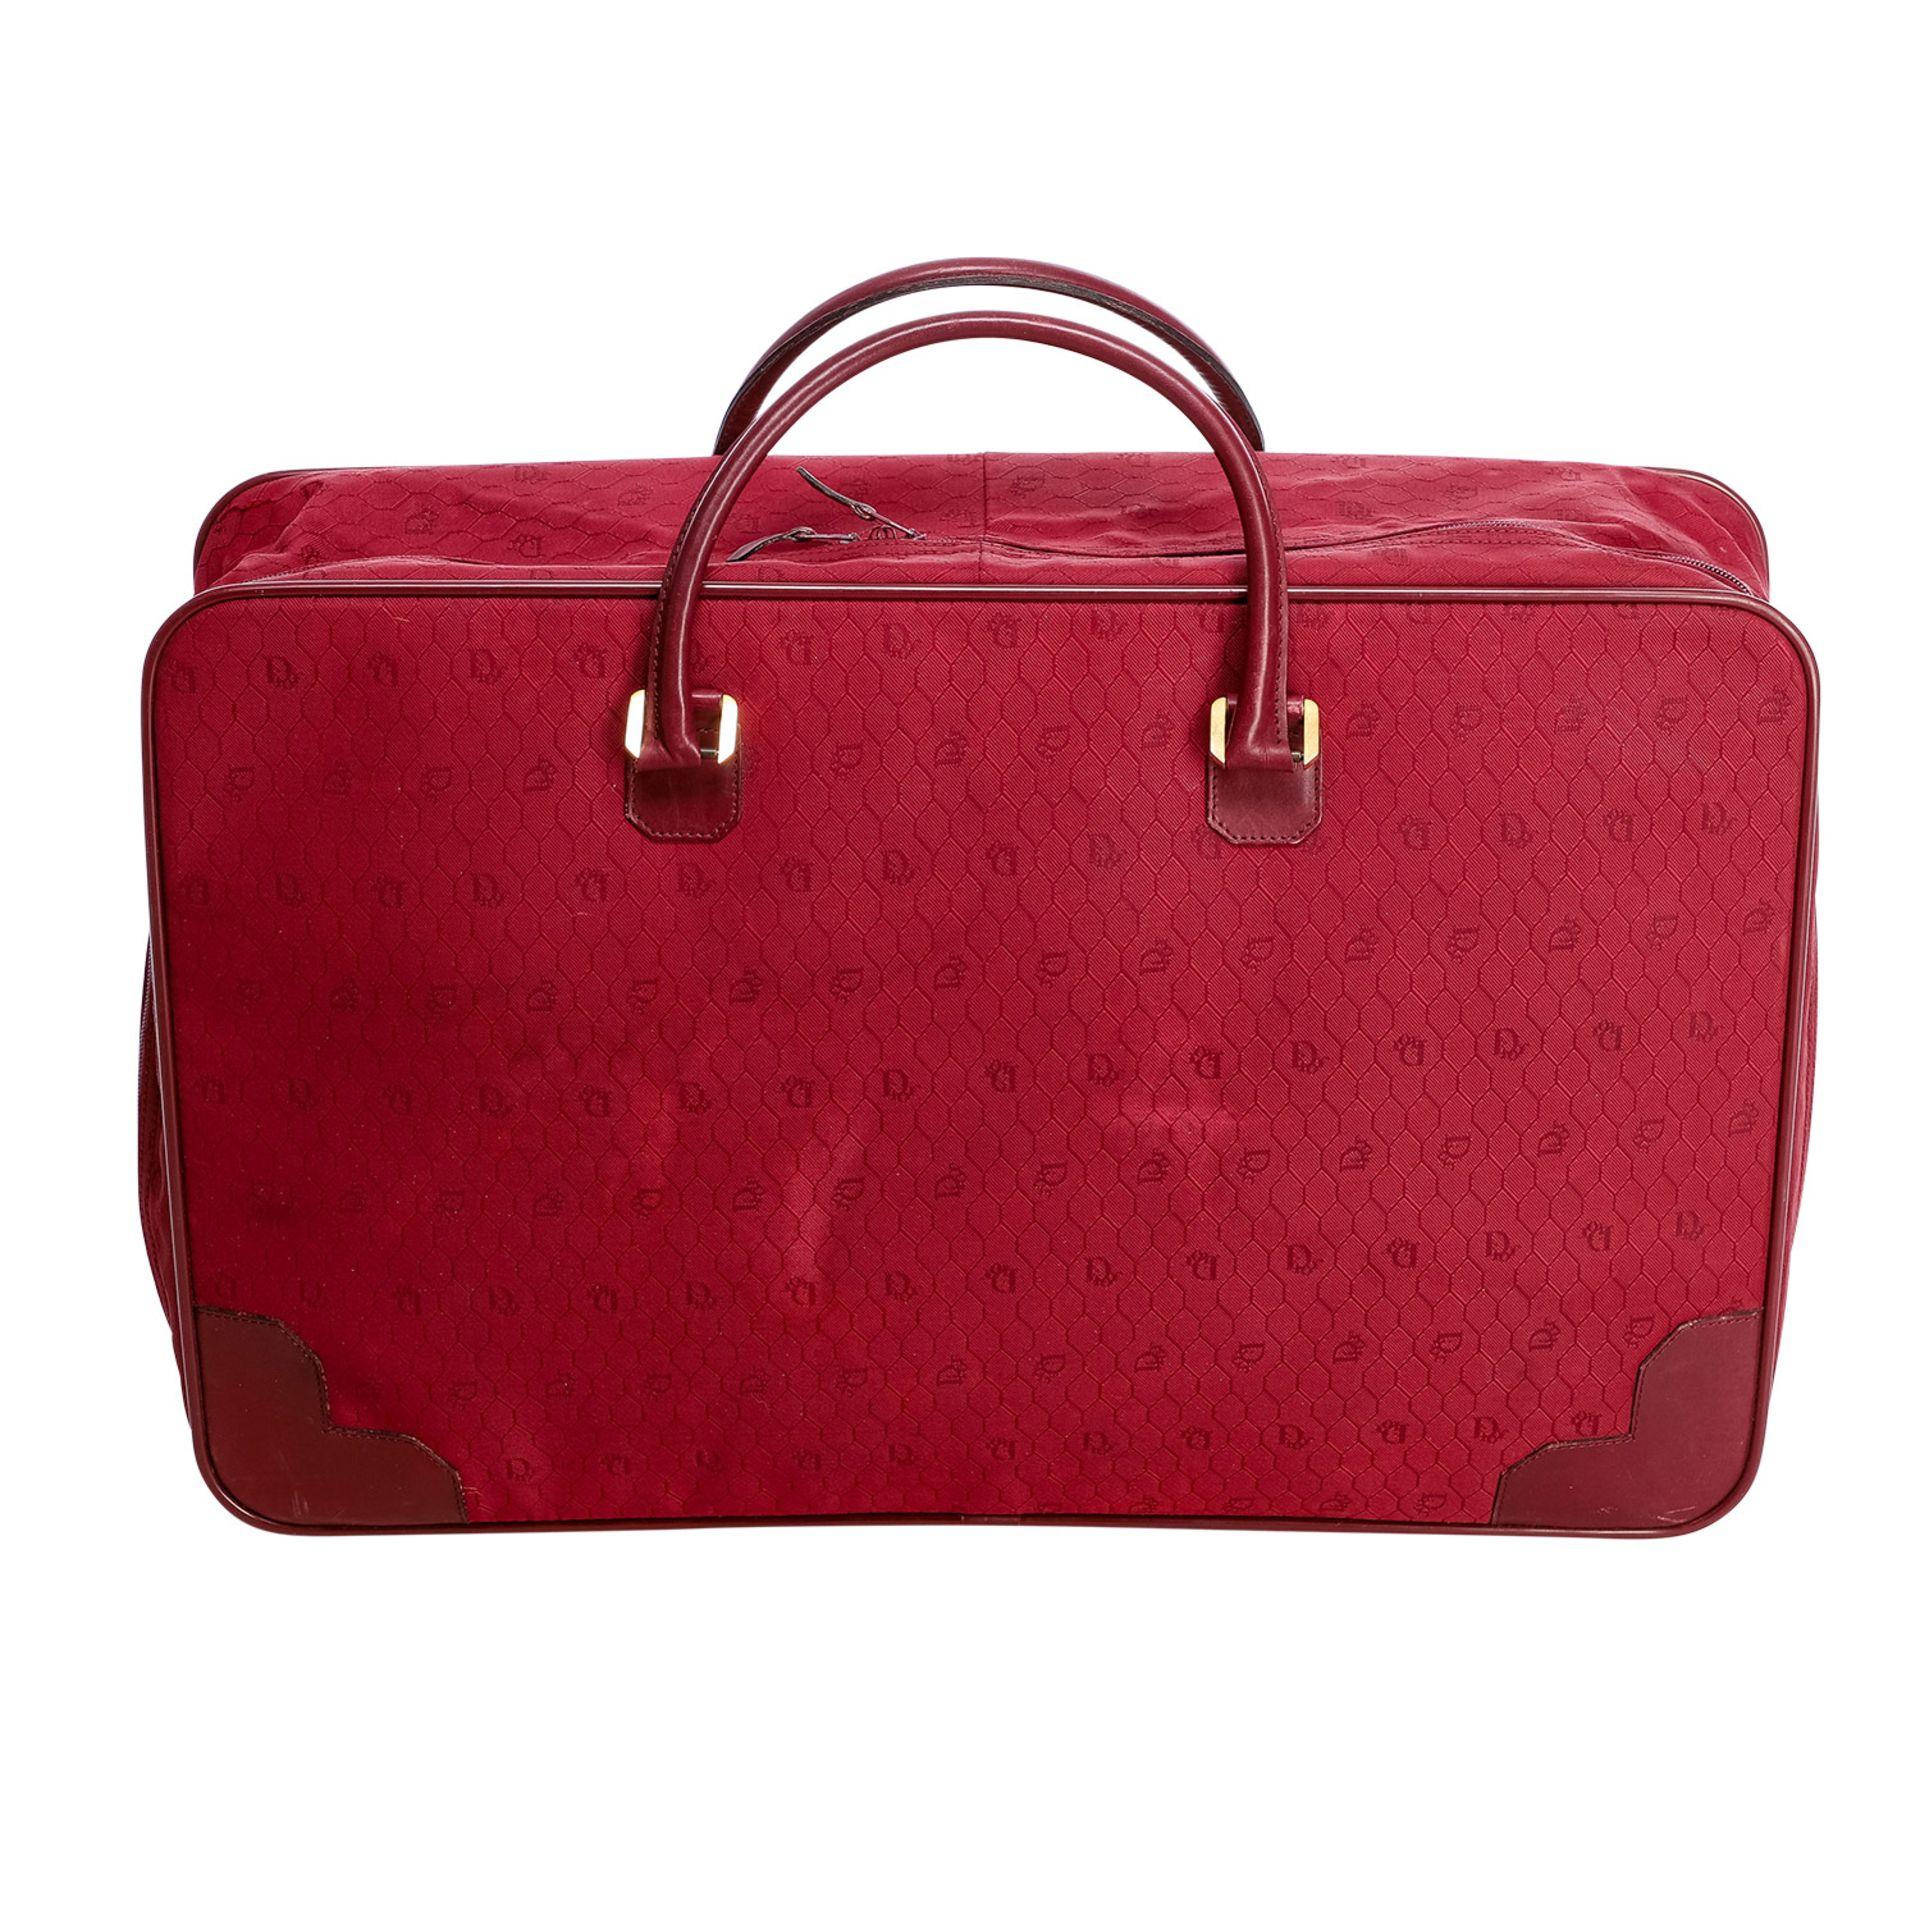 CHRISTIAN DIOR VINTAGE Koffer.